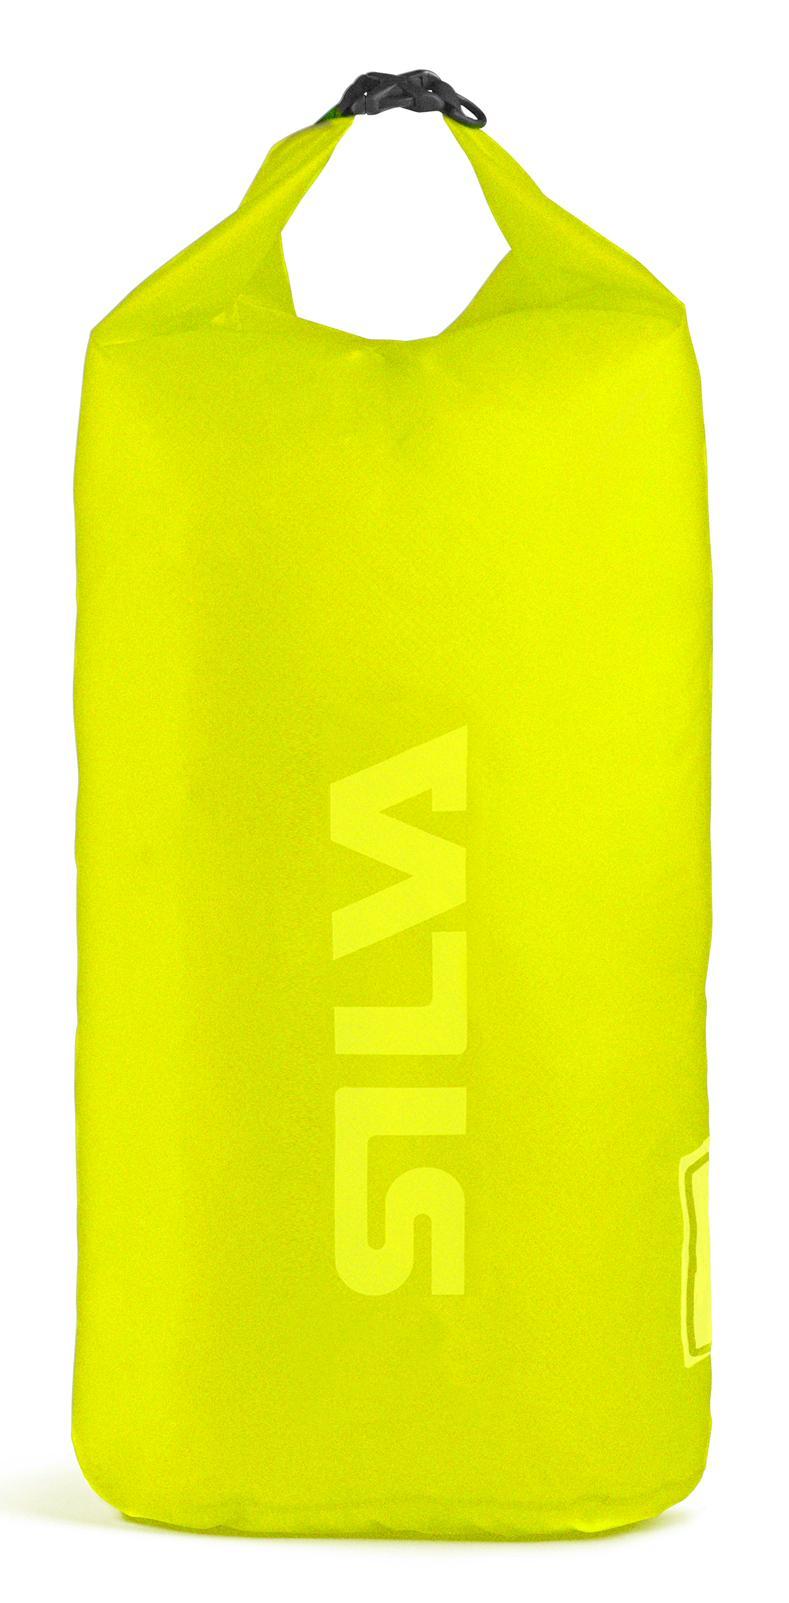 Купить Чехол водонепроницаемый Silva 2018 Carry Dry Bag 70D 3L